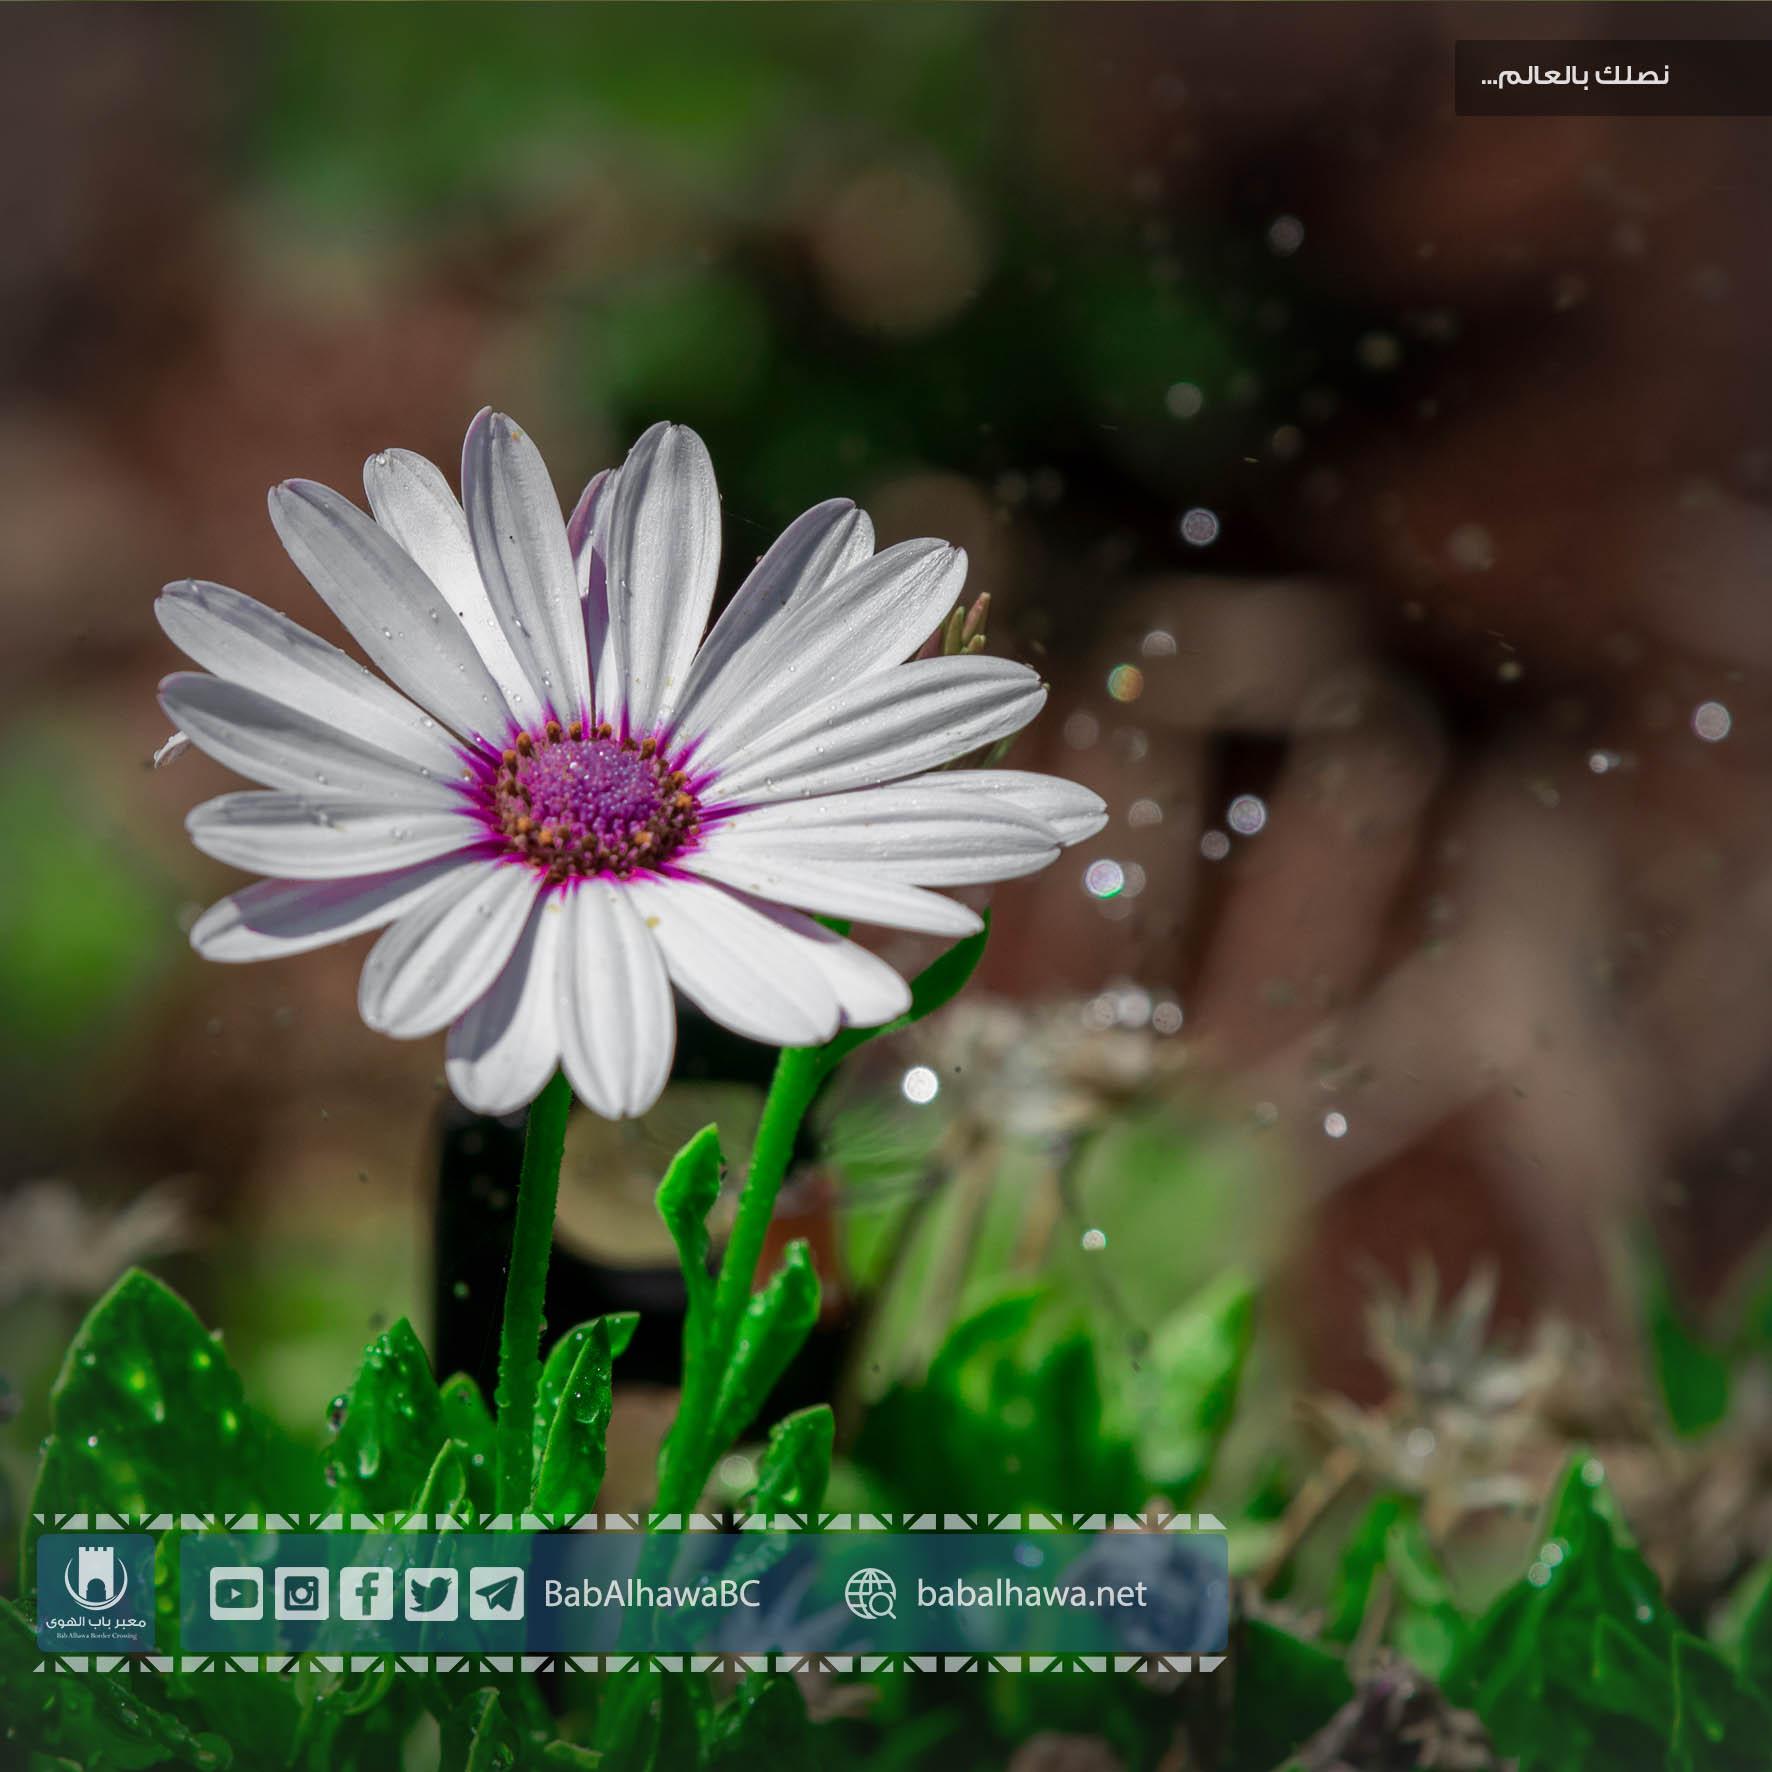 زهرة في حديقة معبر باب الهوى الحدودي - سوريا